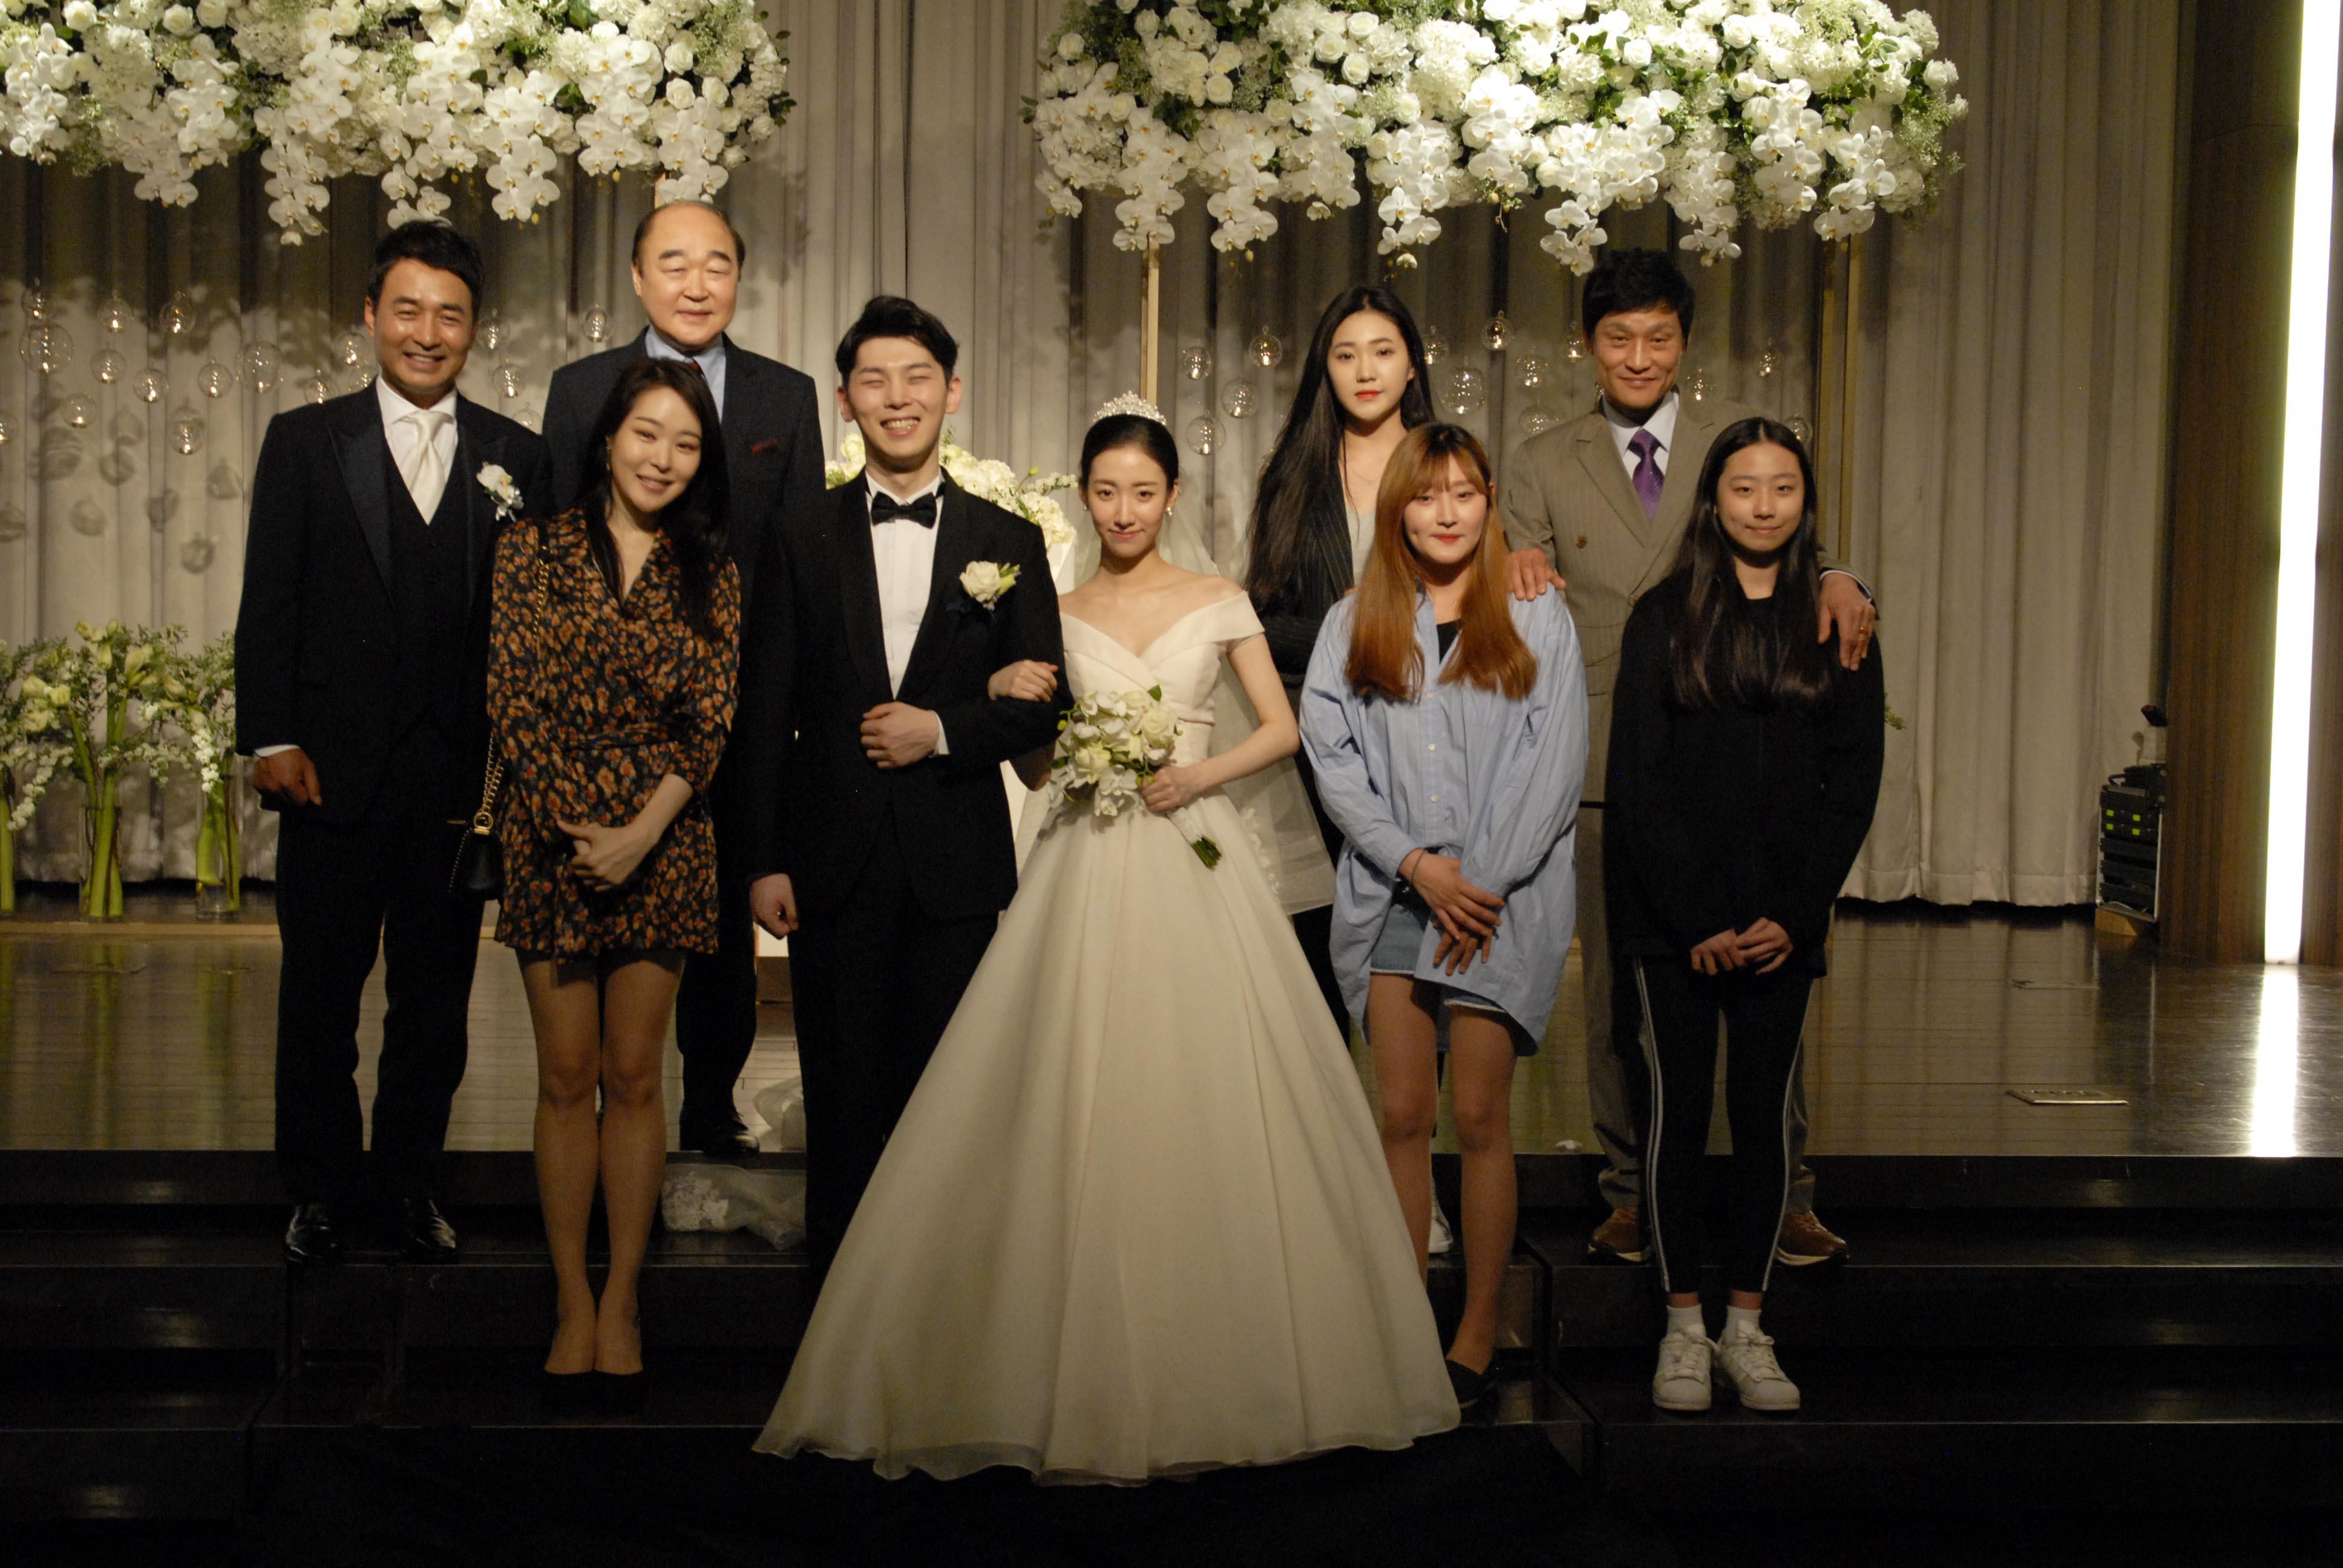 방송인 배동성 딸 배수진양 결혼식 올려